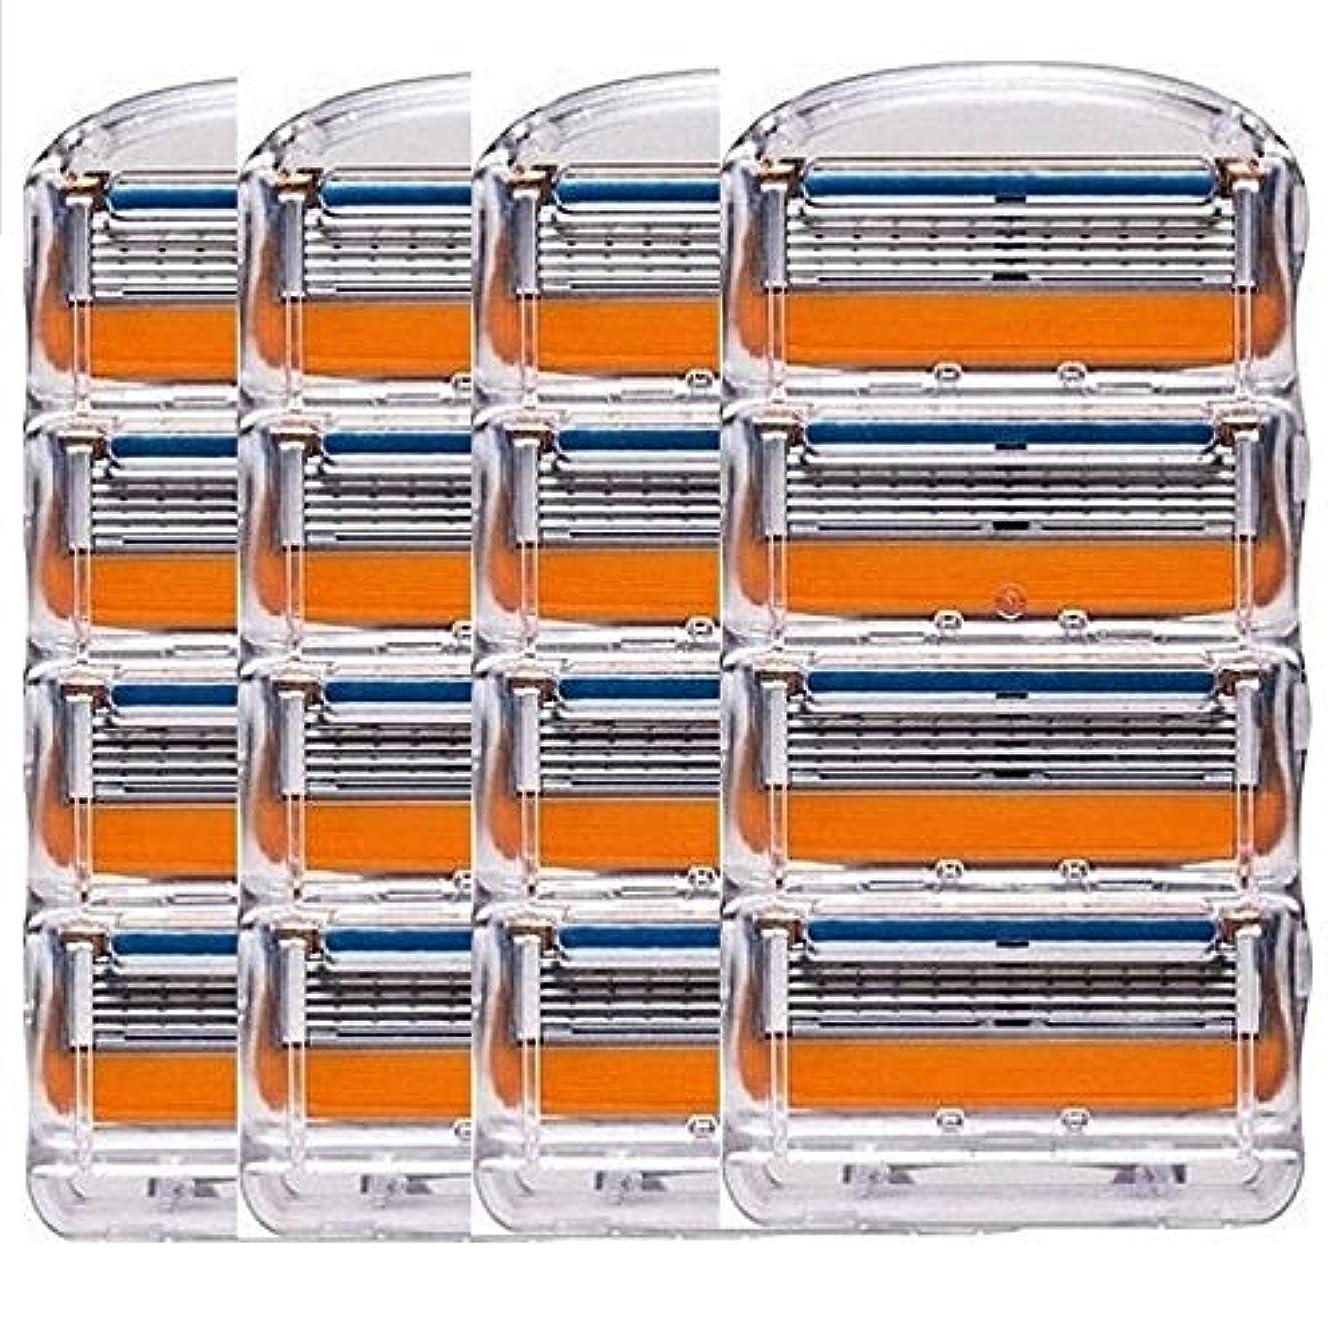 準備する陽気な望みジレット フュージョン用 替刃 互換品 4セット 16個 髭剃り Gillette Fusion プログライド パワー 替え刃 オレンジ